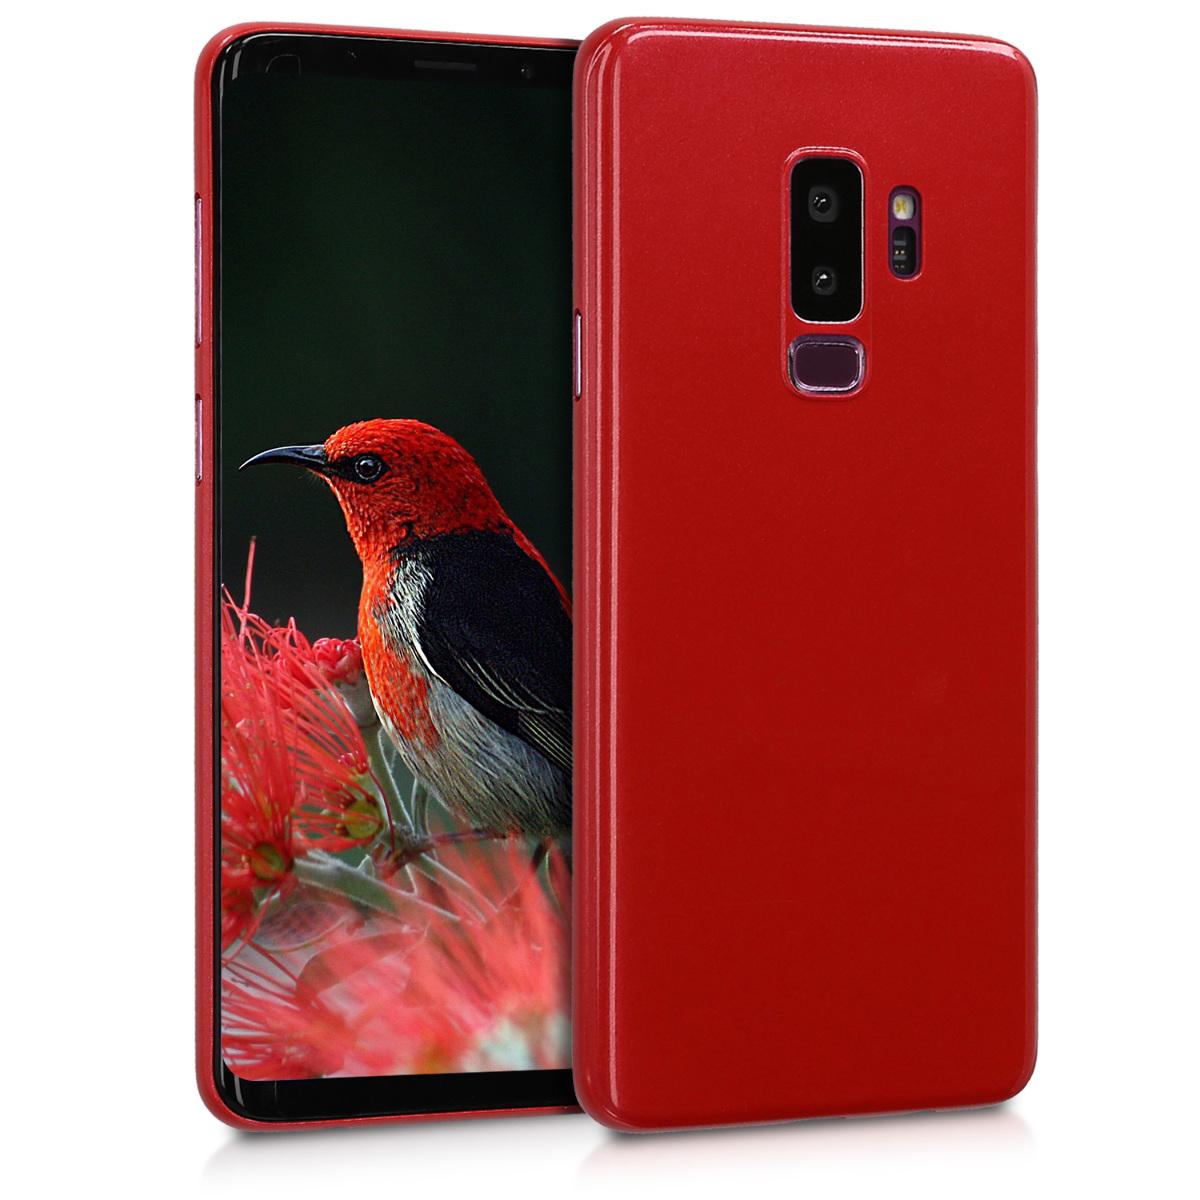 Kvalitní plastové pouzdro pro Samsung S9 Plus - červené High Gloss